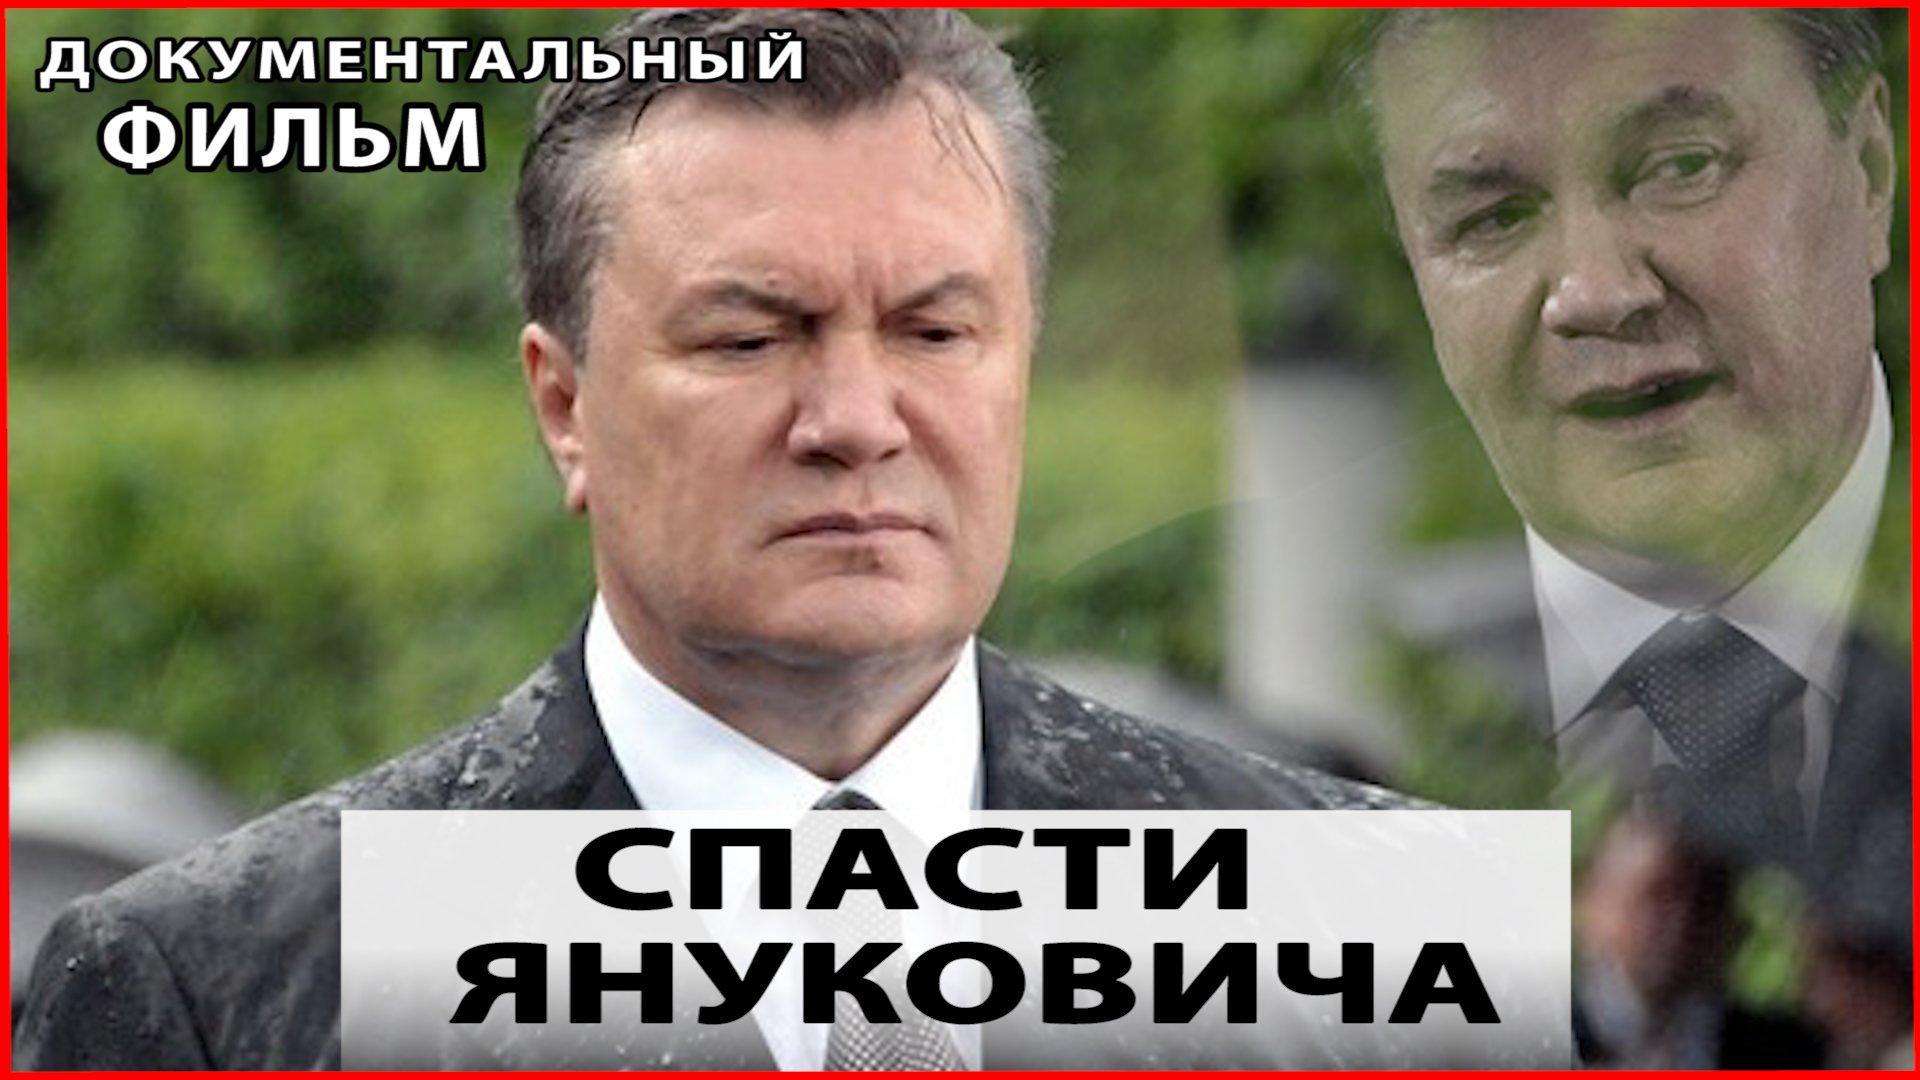 Ukraine Page 2 24Warez.Ru 98